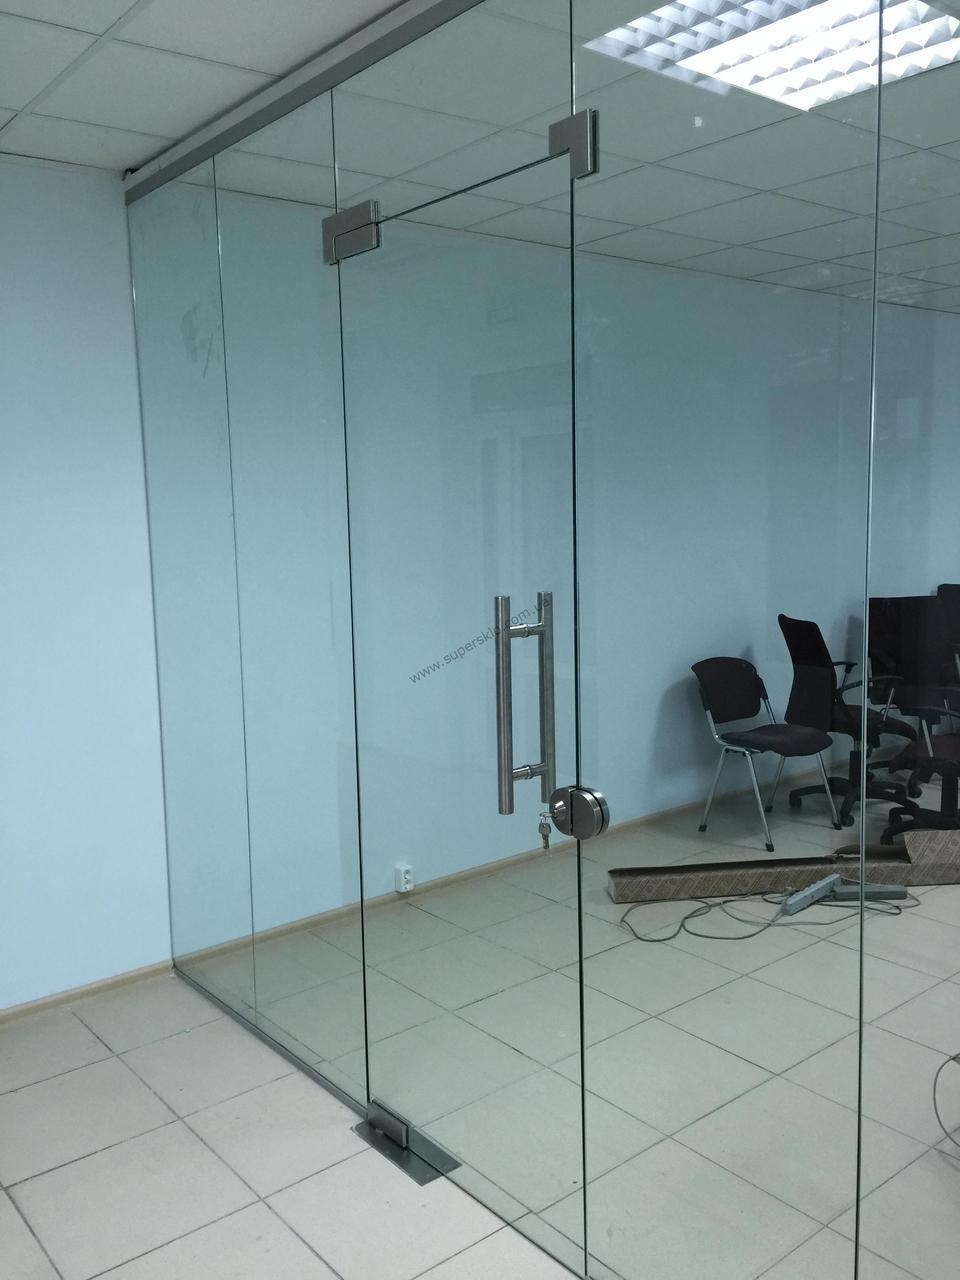 Стеклянные перегородки для офиса из каленого прозрачного стекла 10 мм